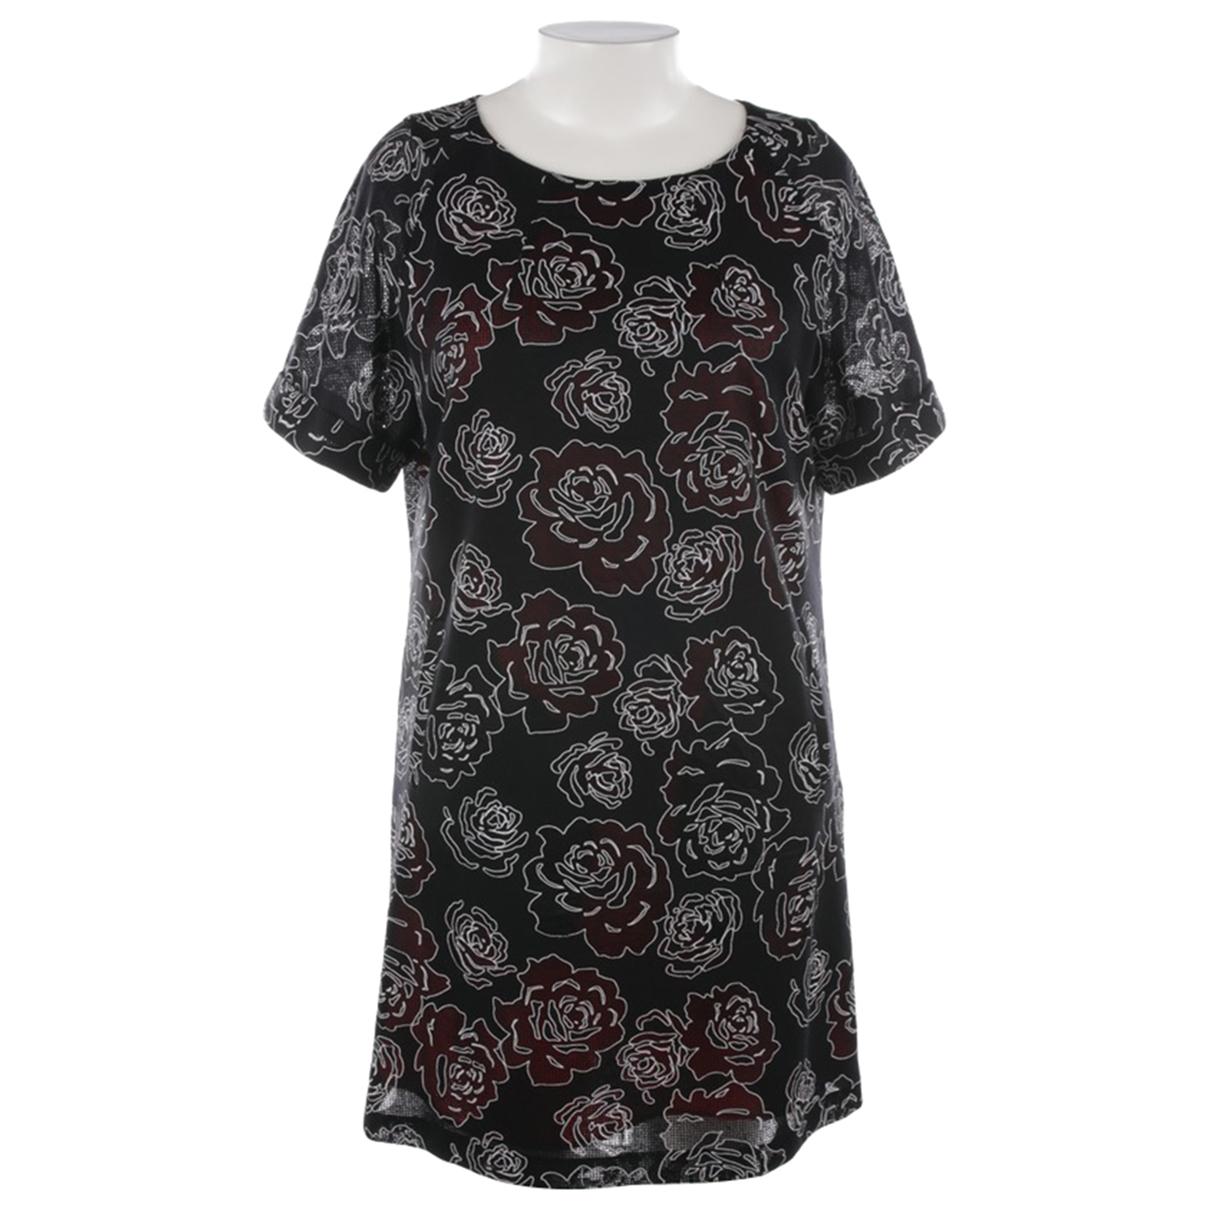 Talbot Runhof \N Black Cotton dress for Women 40 FR